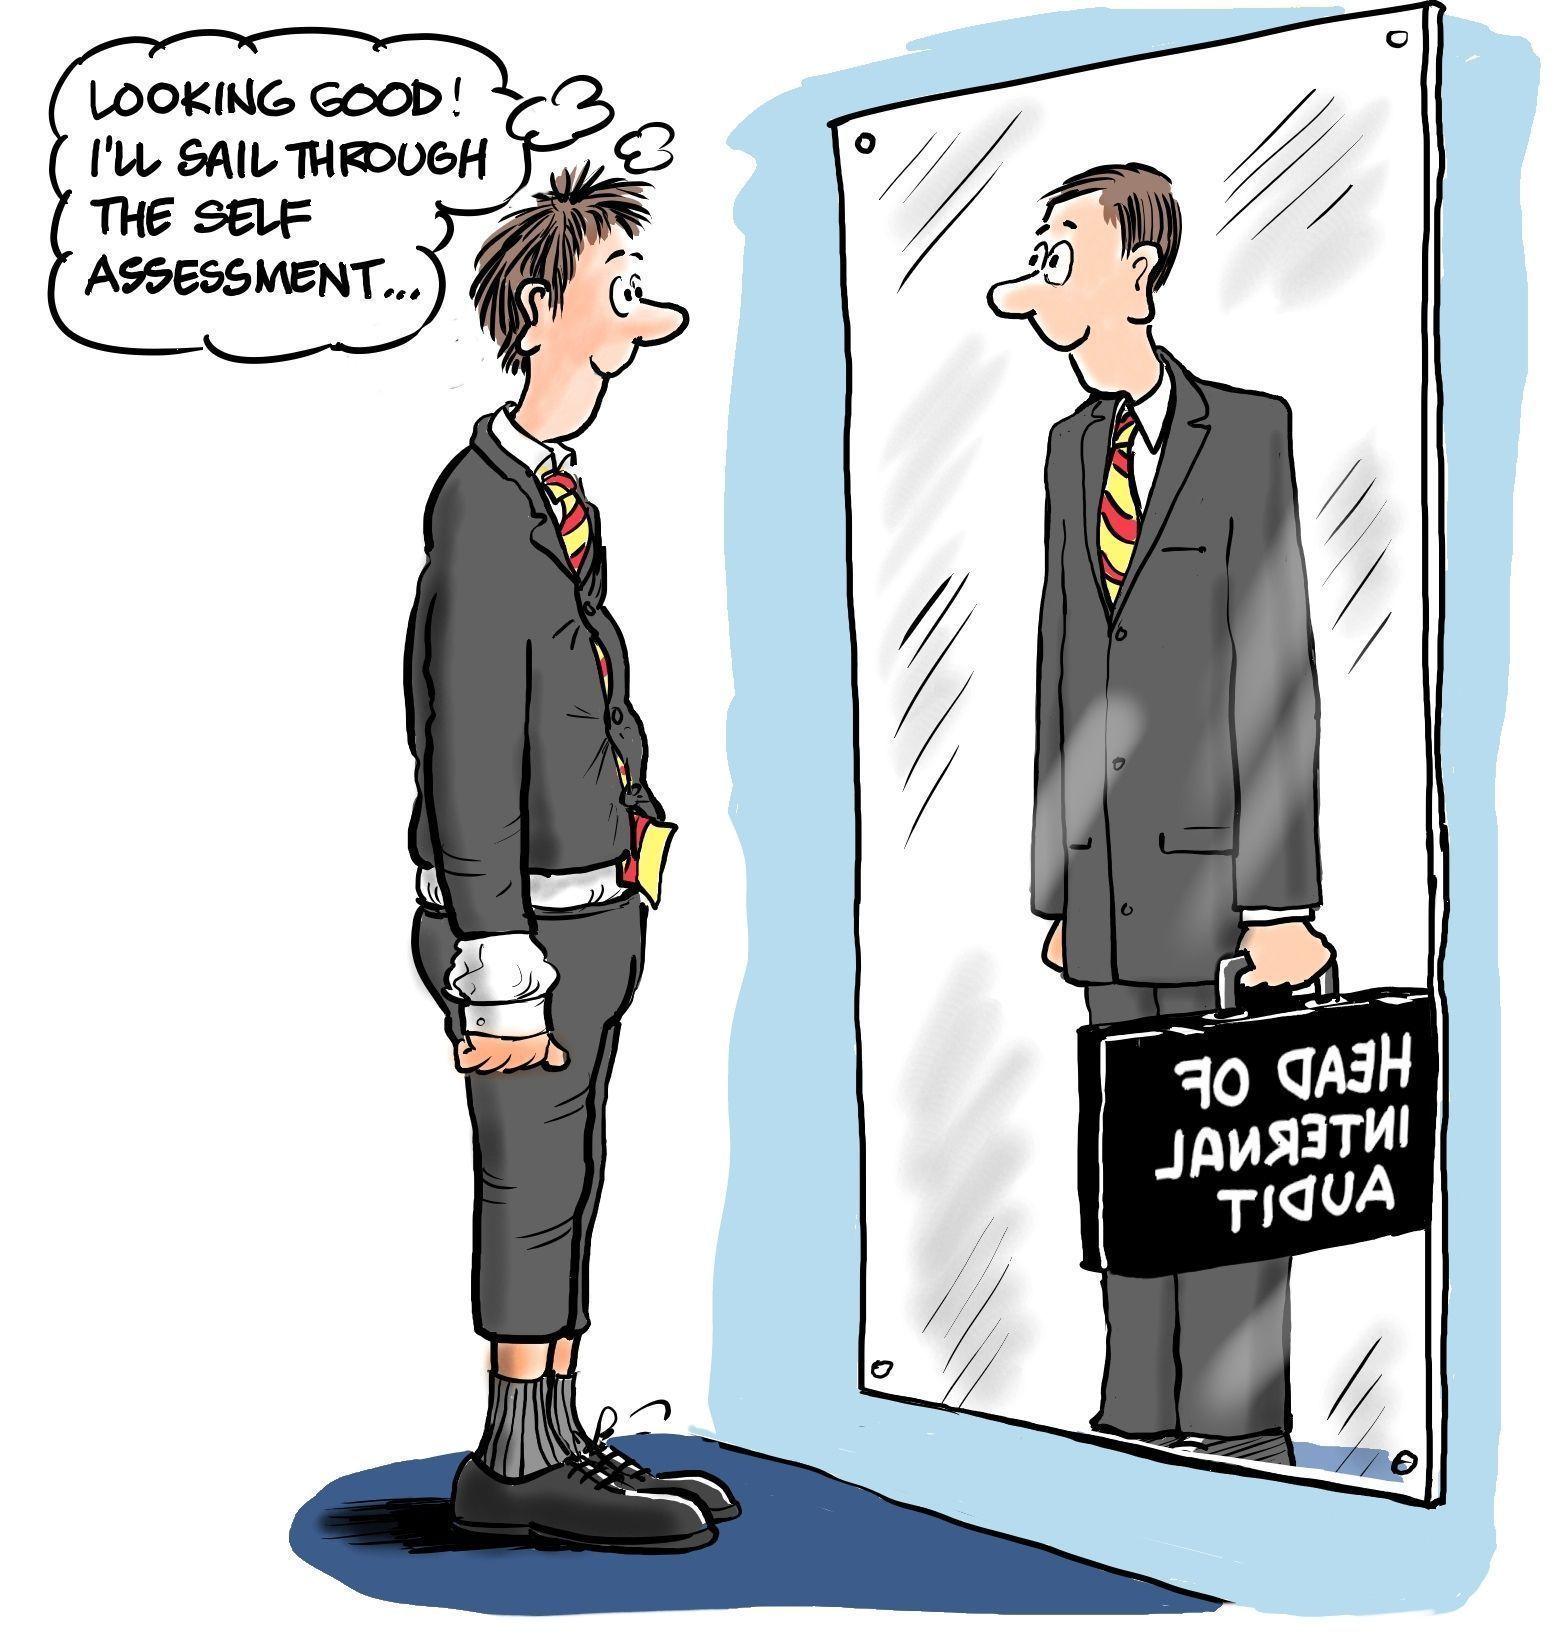 Autoevaluación entrevista de trabajo